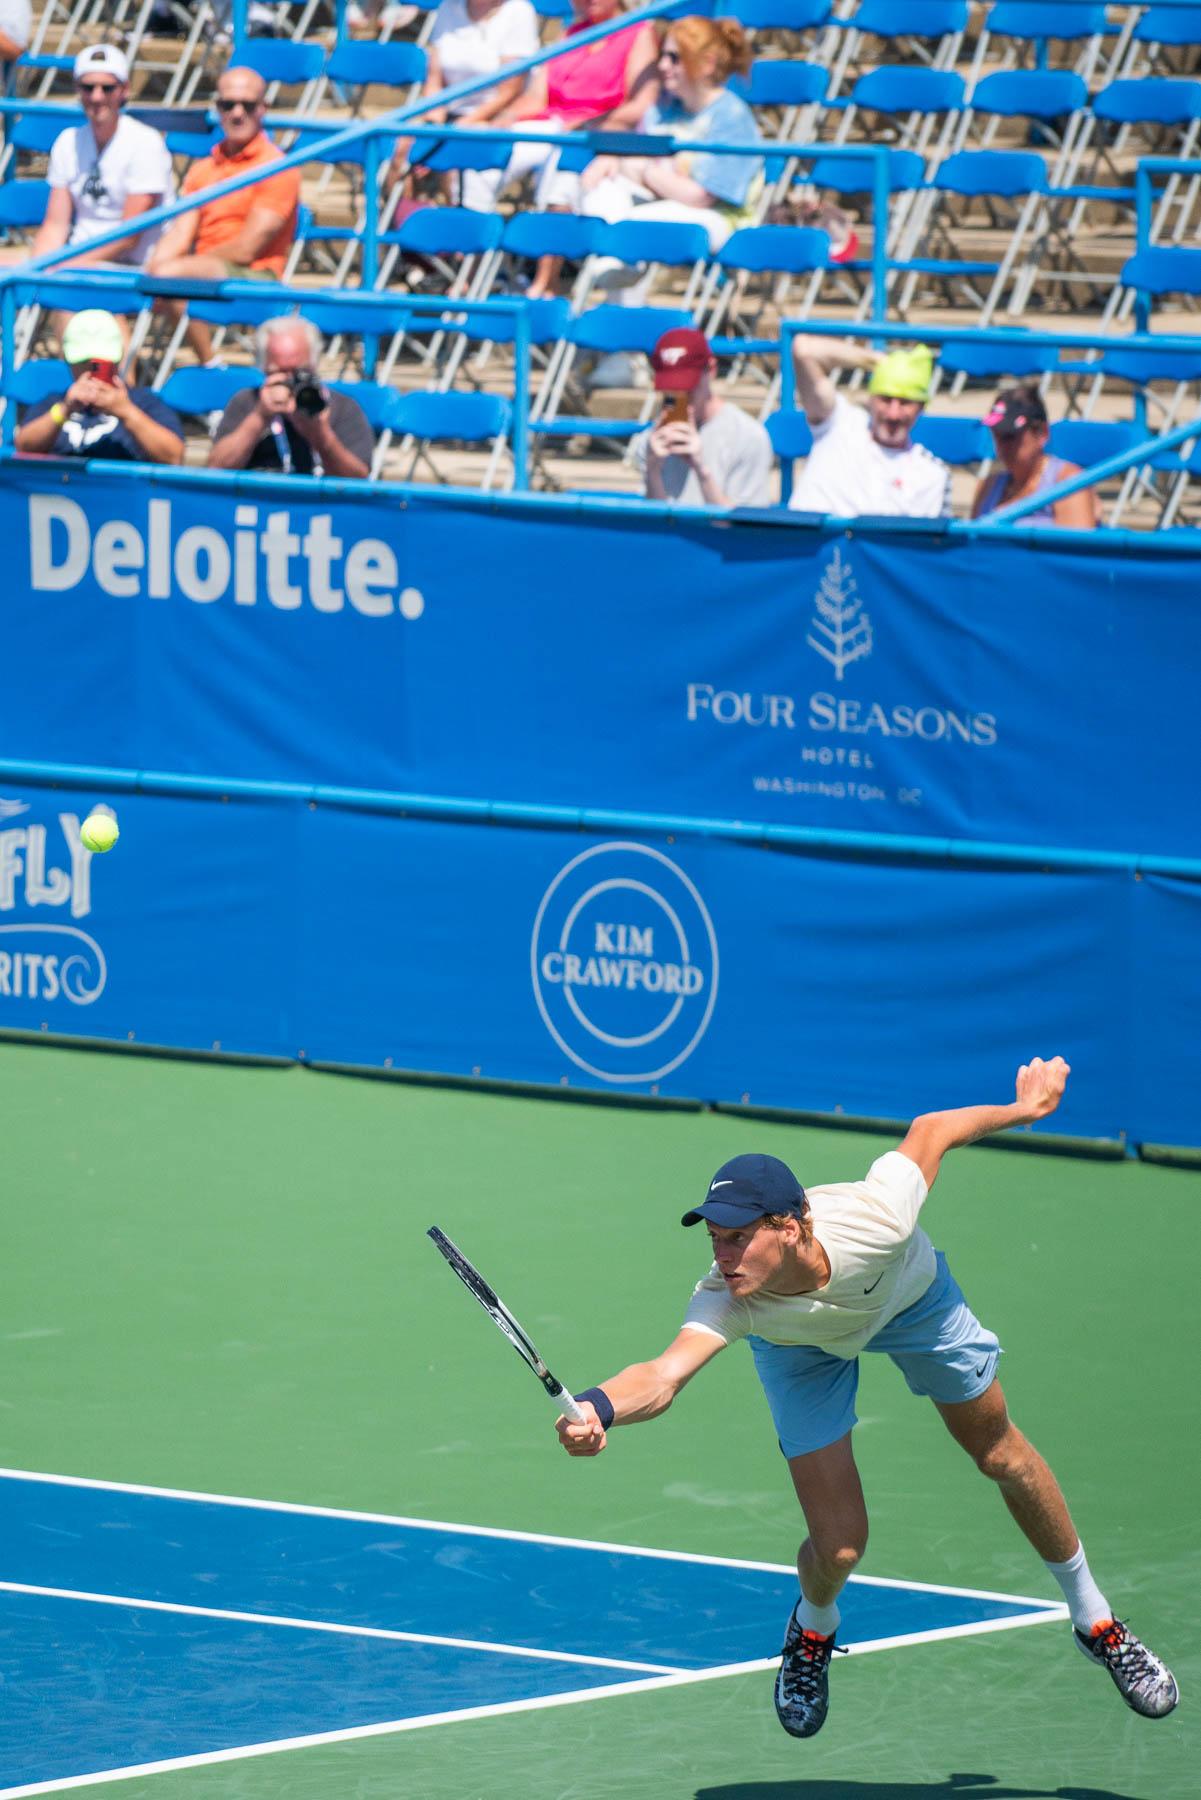 citiopen, tennis tournament, washington dc, rock creek park tennis court, eventsdc,